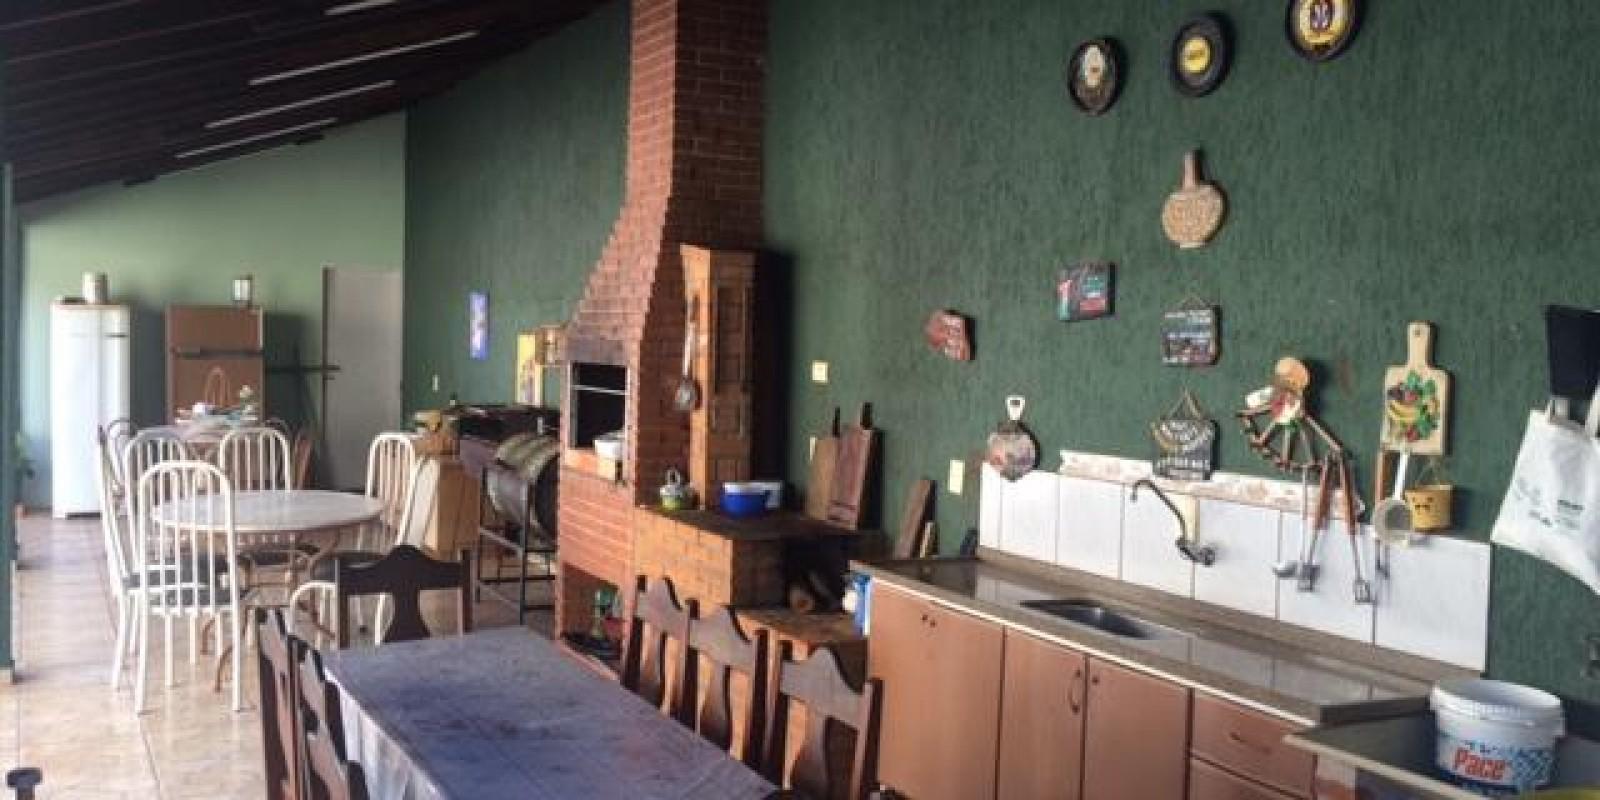 Casa MOBILIADA na Represa no Portal do Catavento em Arandu SP - Foto 7 de 26